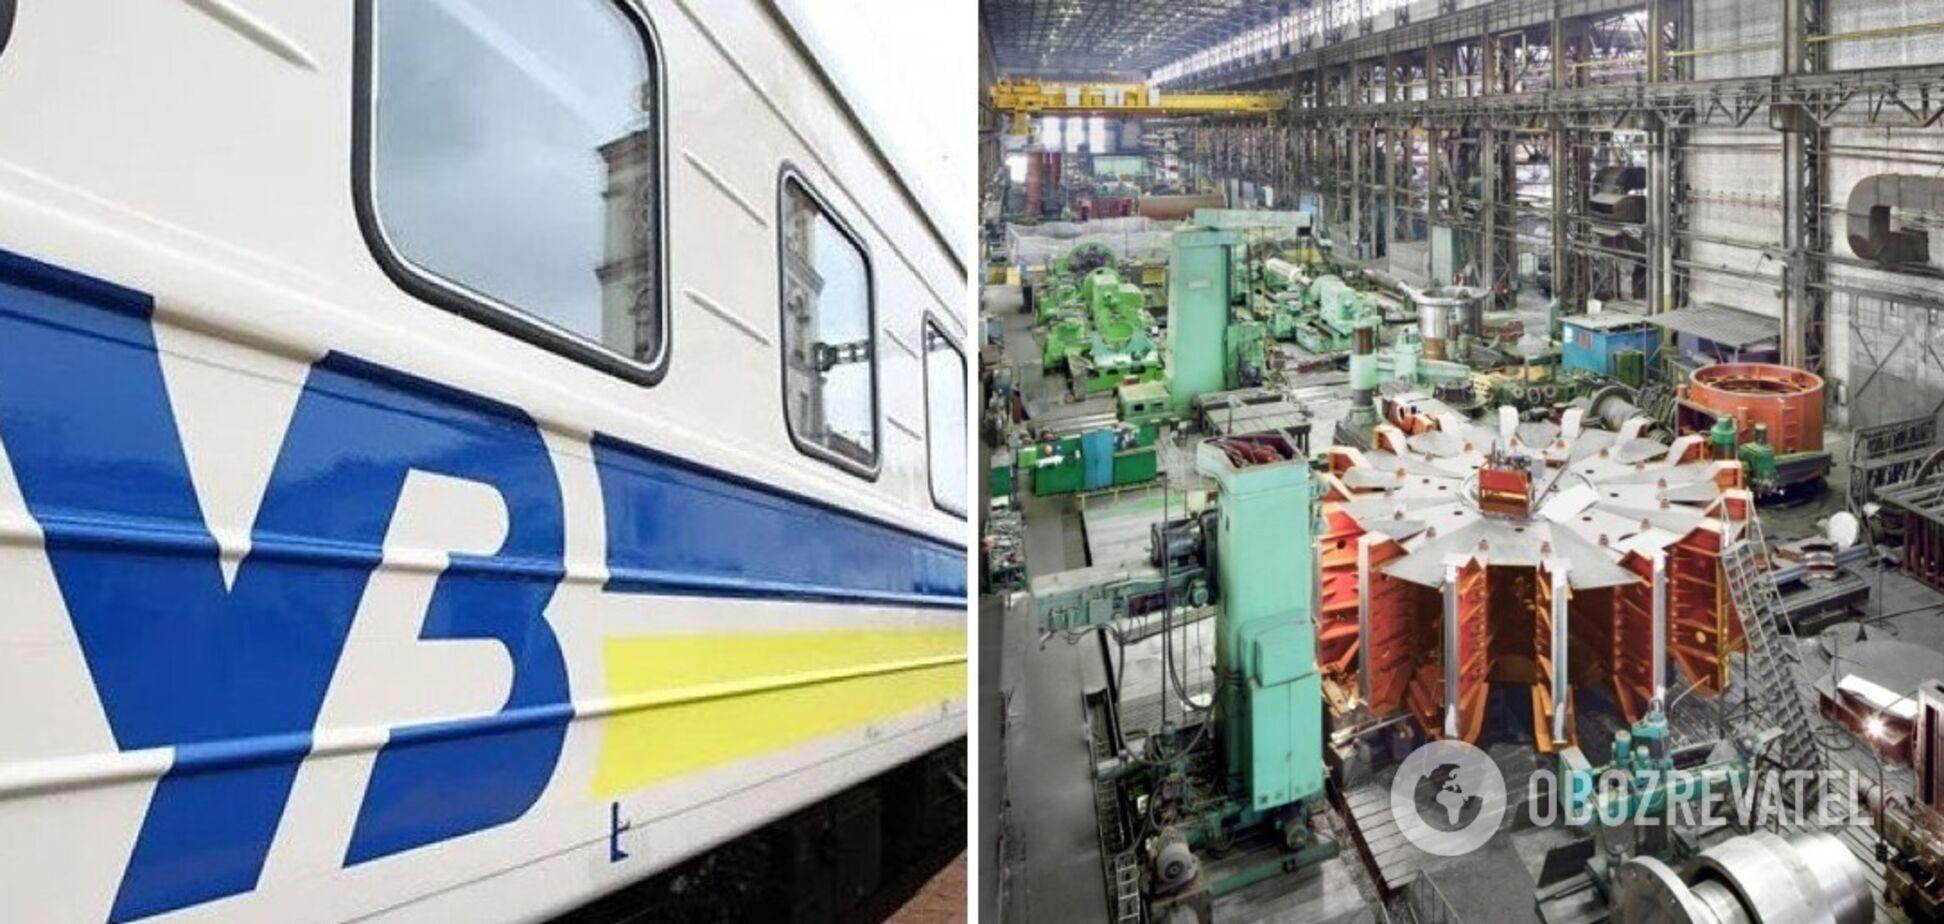 'Електроважмаш' отримав право брати участь в оновленні та модернізації локомотивного парку 'Укрзалізниці'